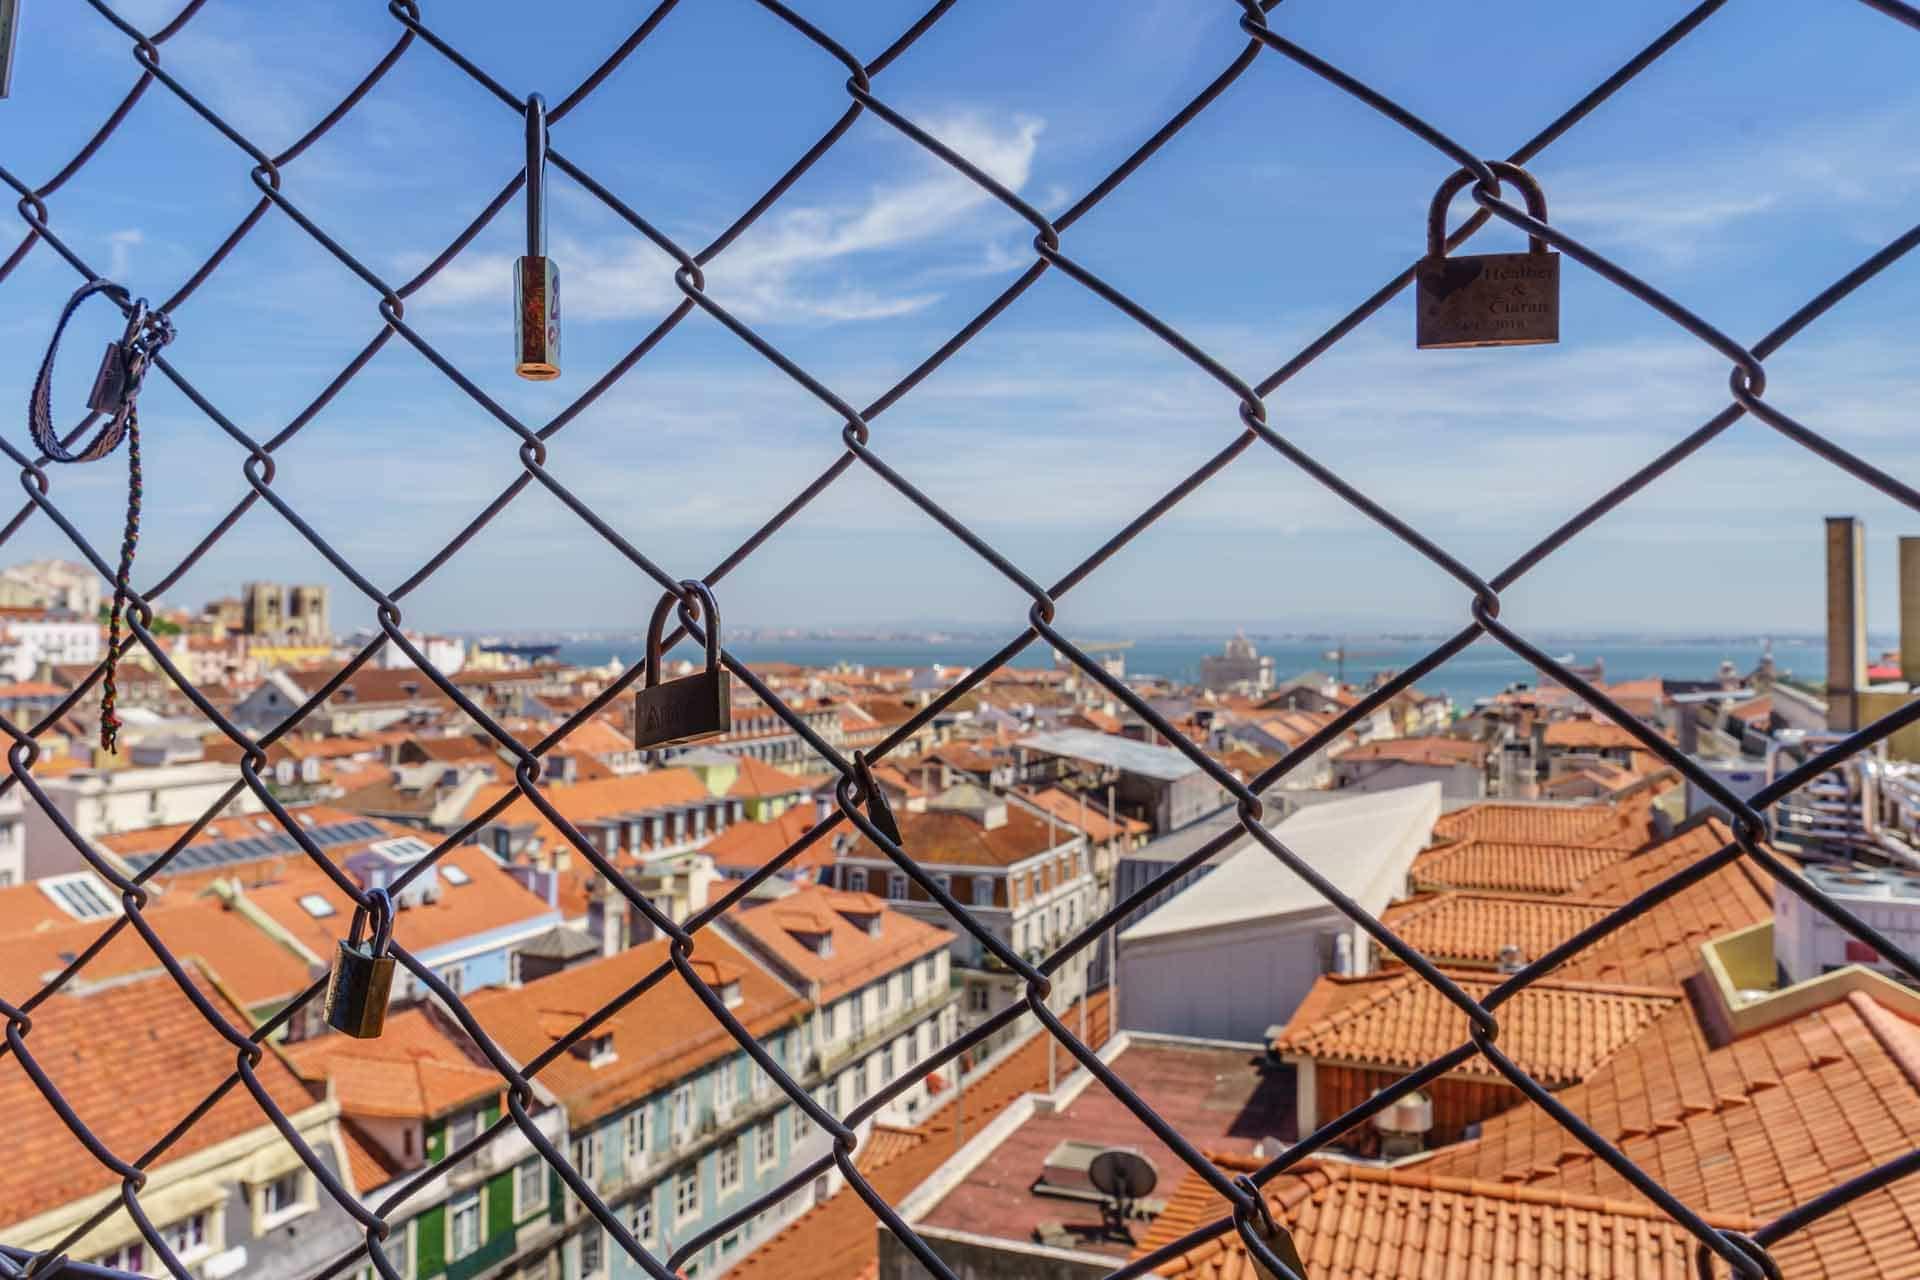 Locks in the ijffel elevator in Lisbon, portugal